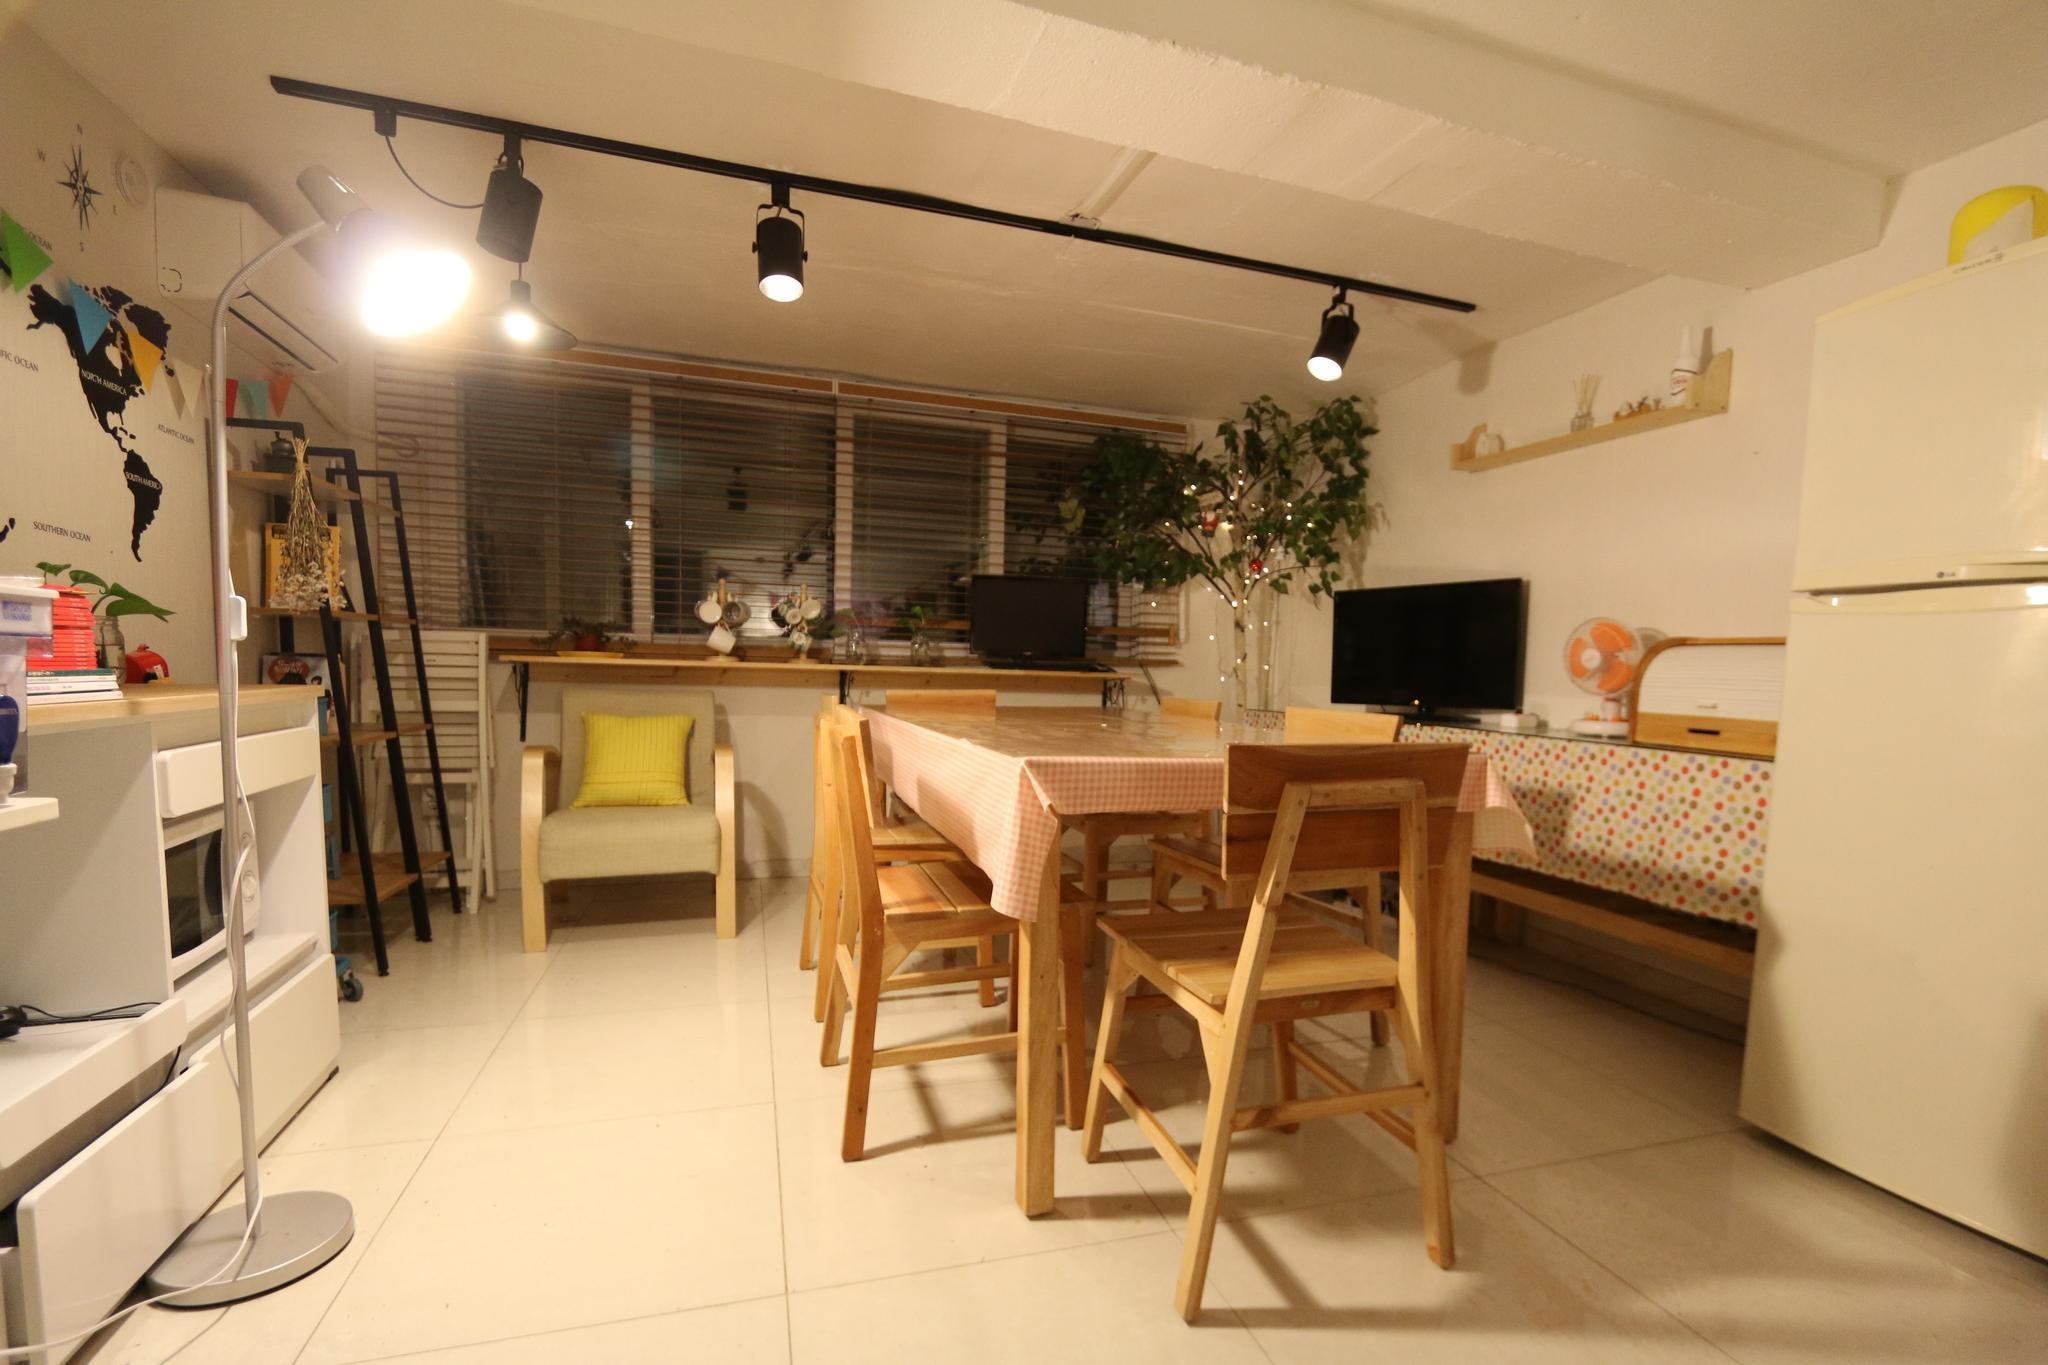 Nanu Guesthouse KPOP, Seodaemun